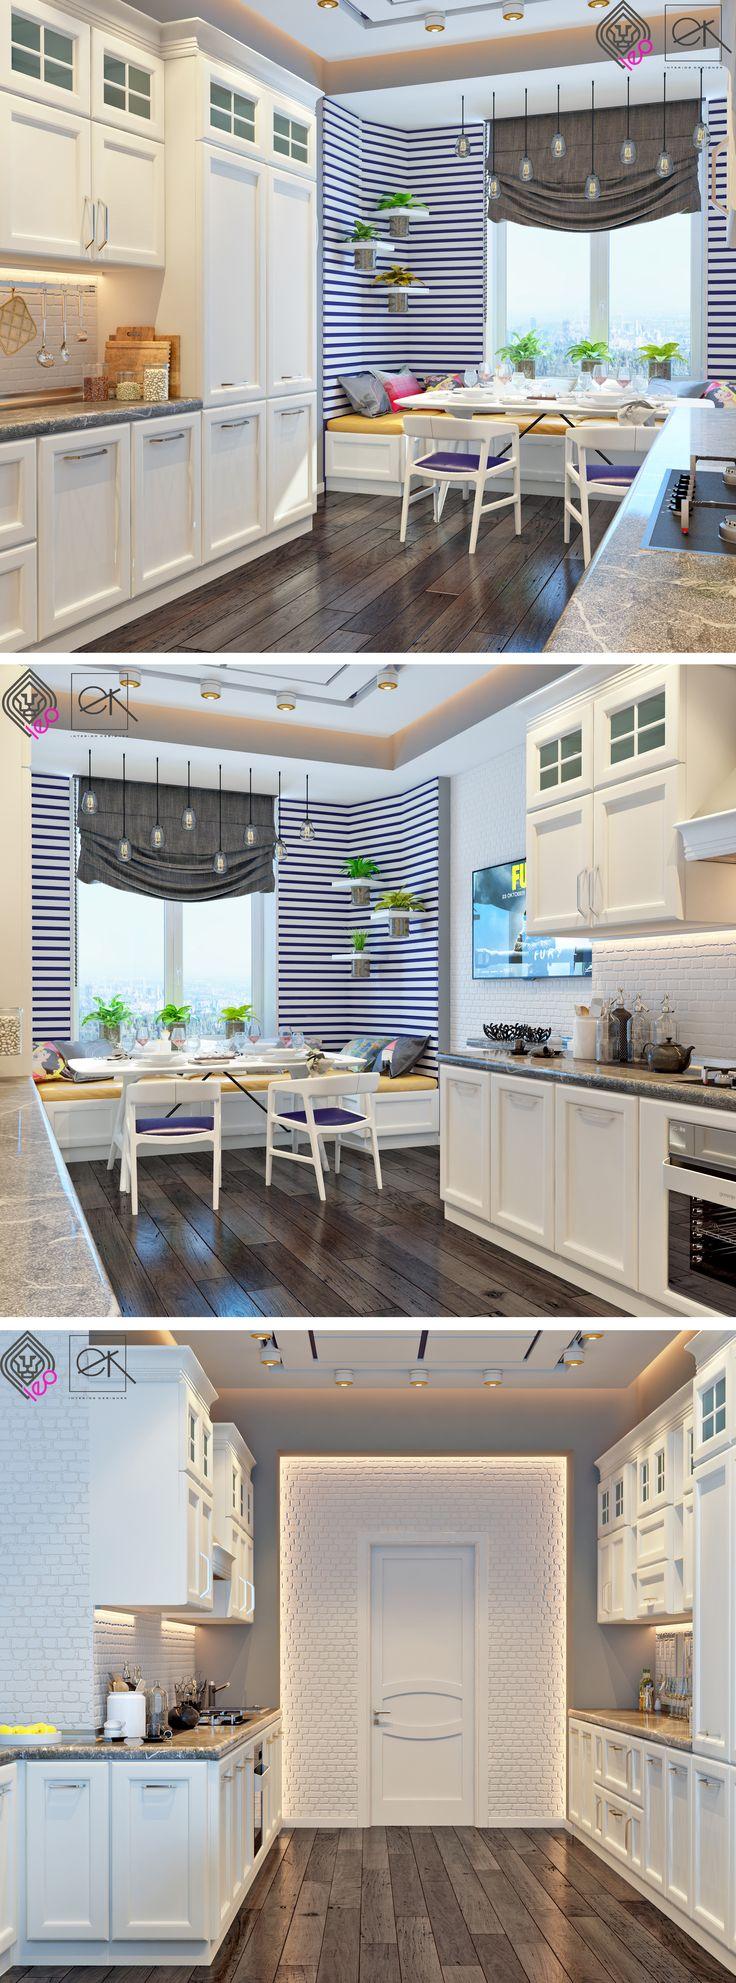 Интерьер кухни. - Галерея 3ddd.ru